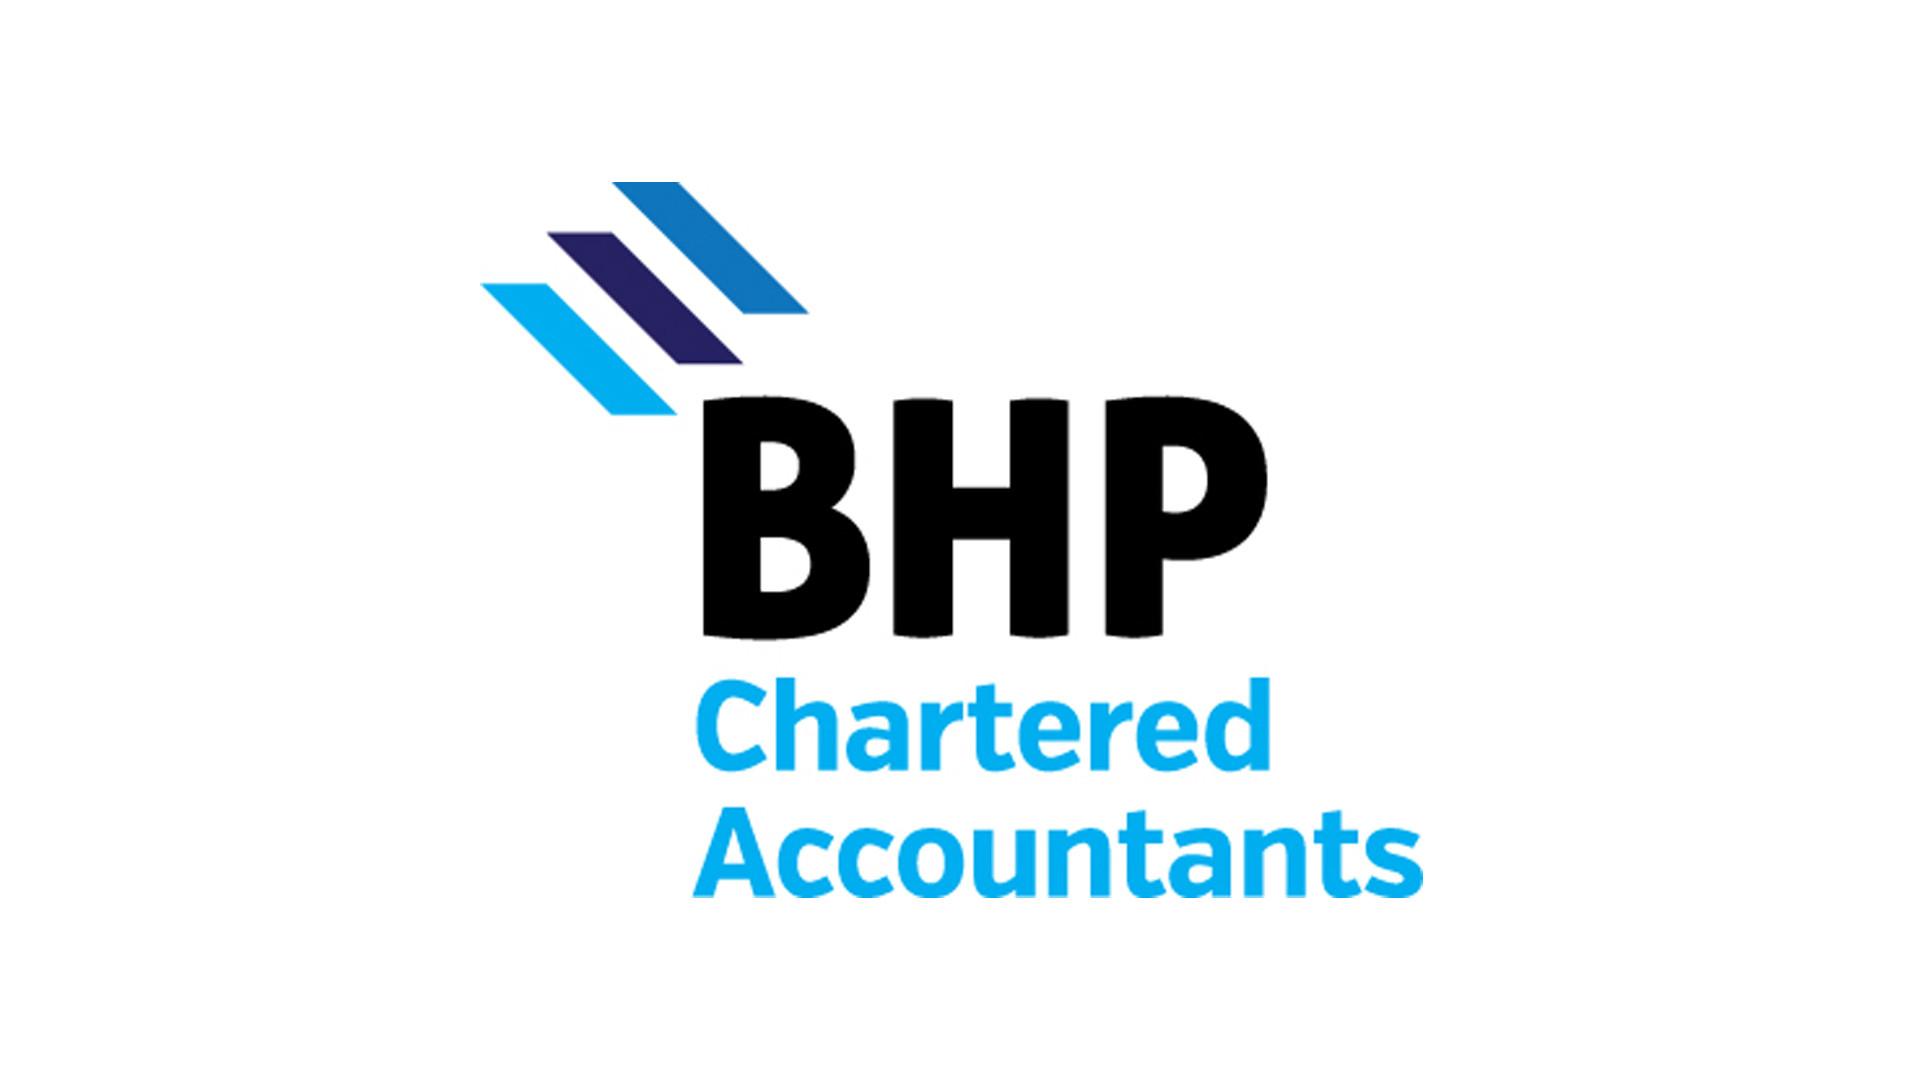 bhp chartered acc.jpg